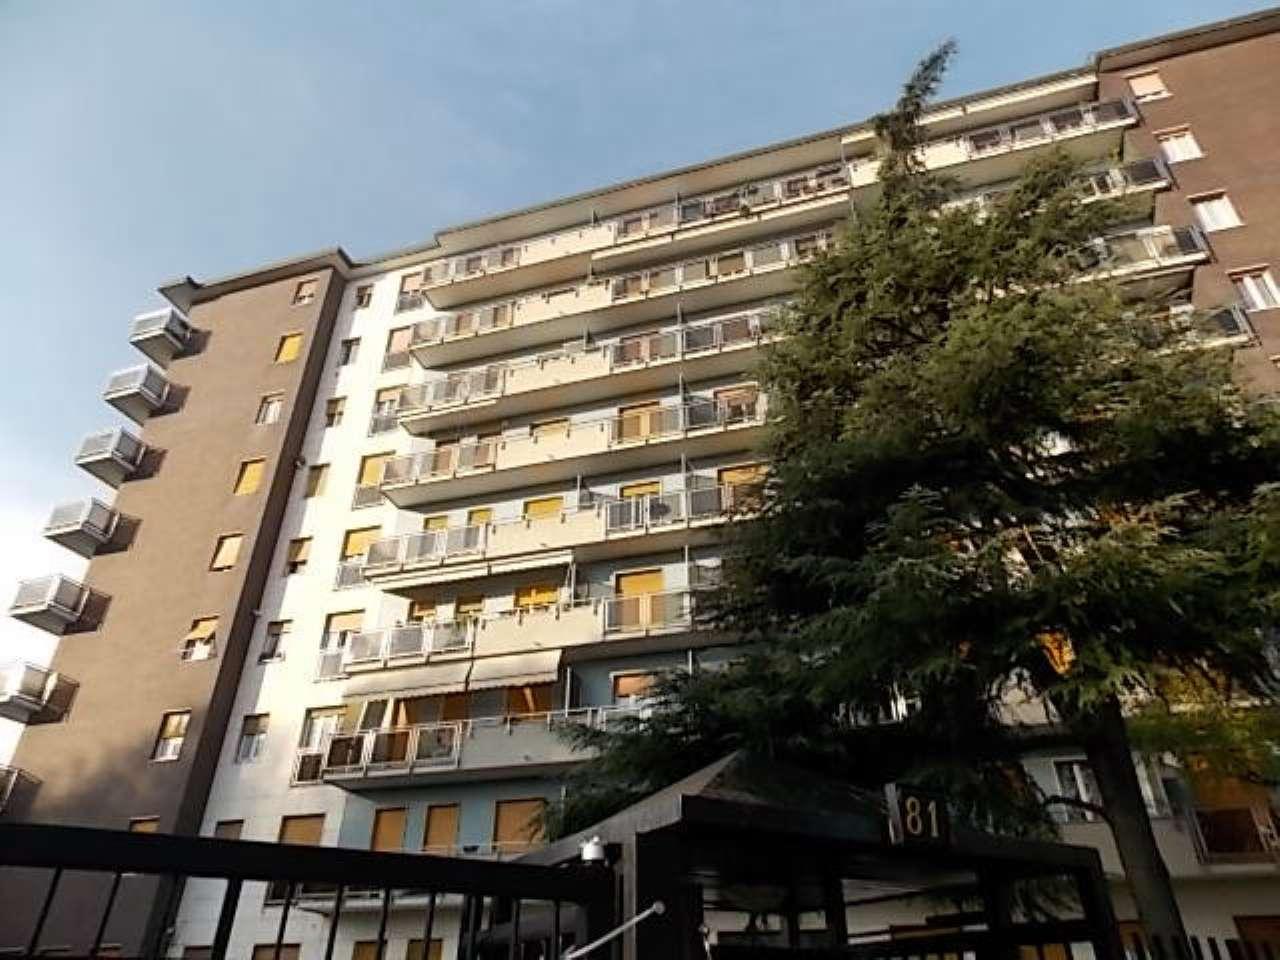 Appartamenti monolocali in affitto a milano for Appartamenti in condivisione milano